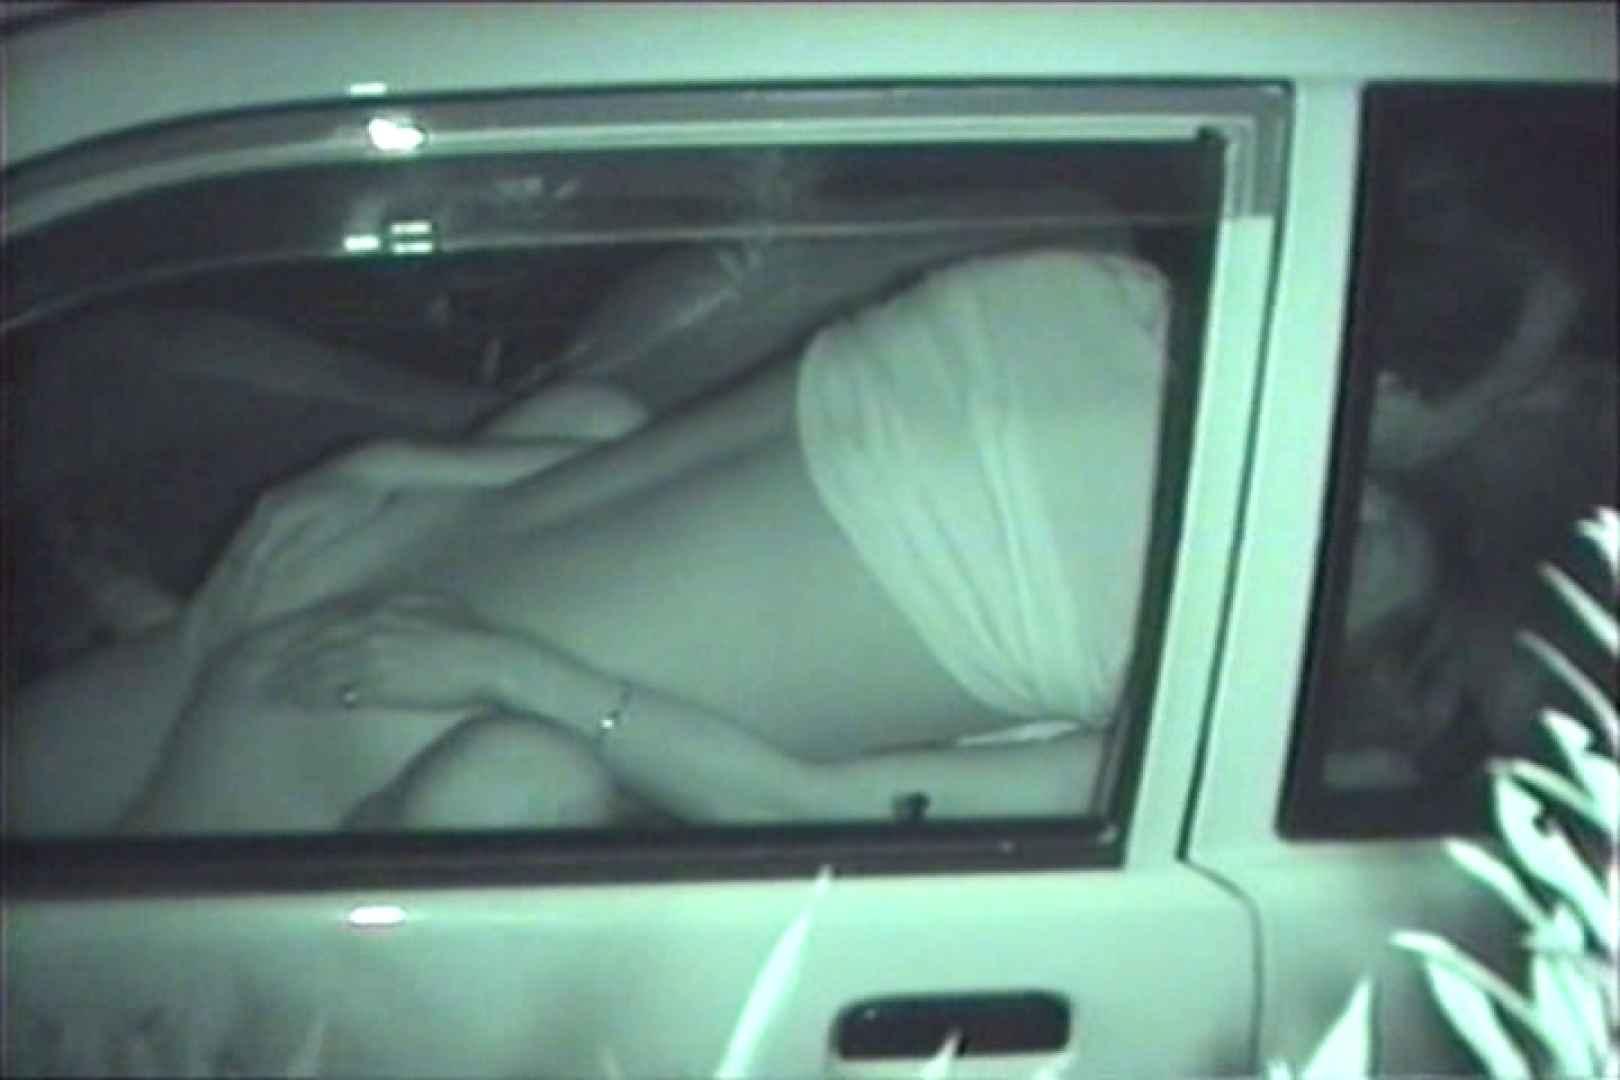 車の中はラブホテル 無修正版  Vol.18 ホテルでエッチ 盗撮動画紹介 49pic 5